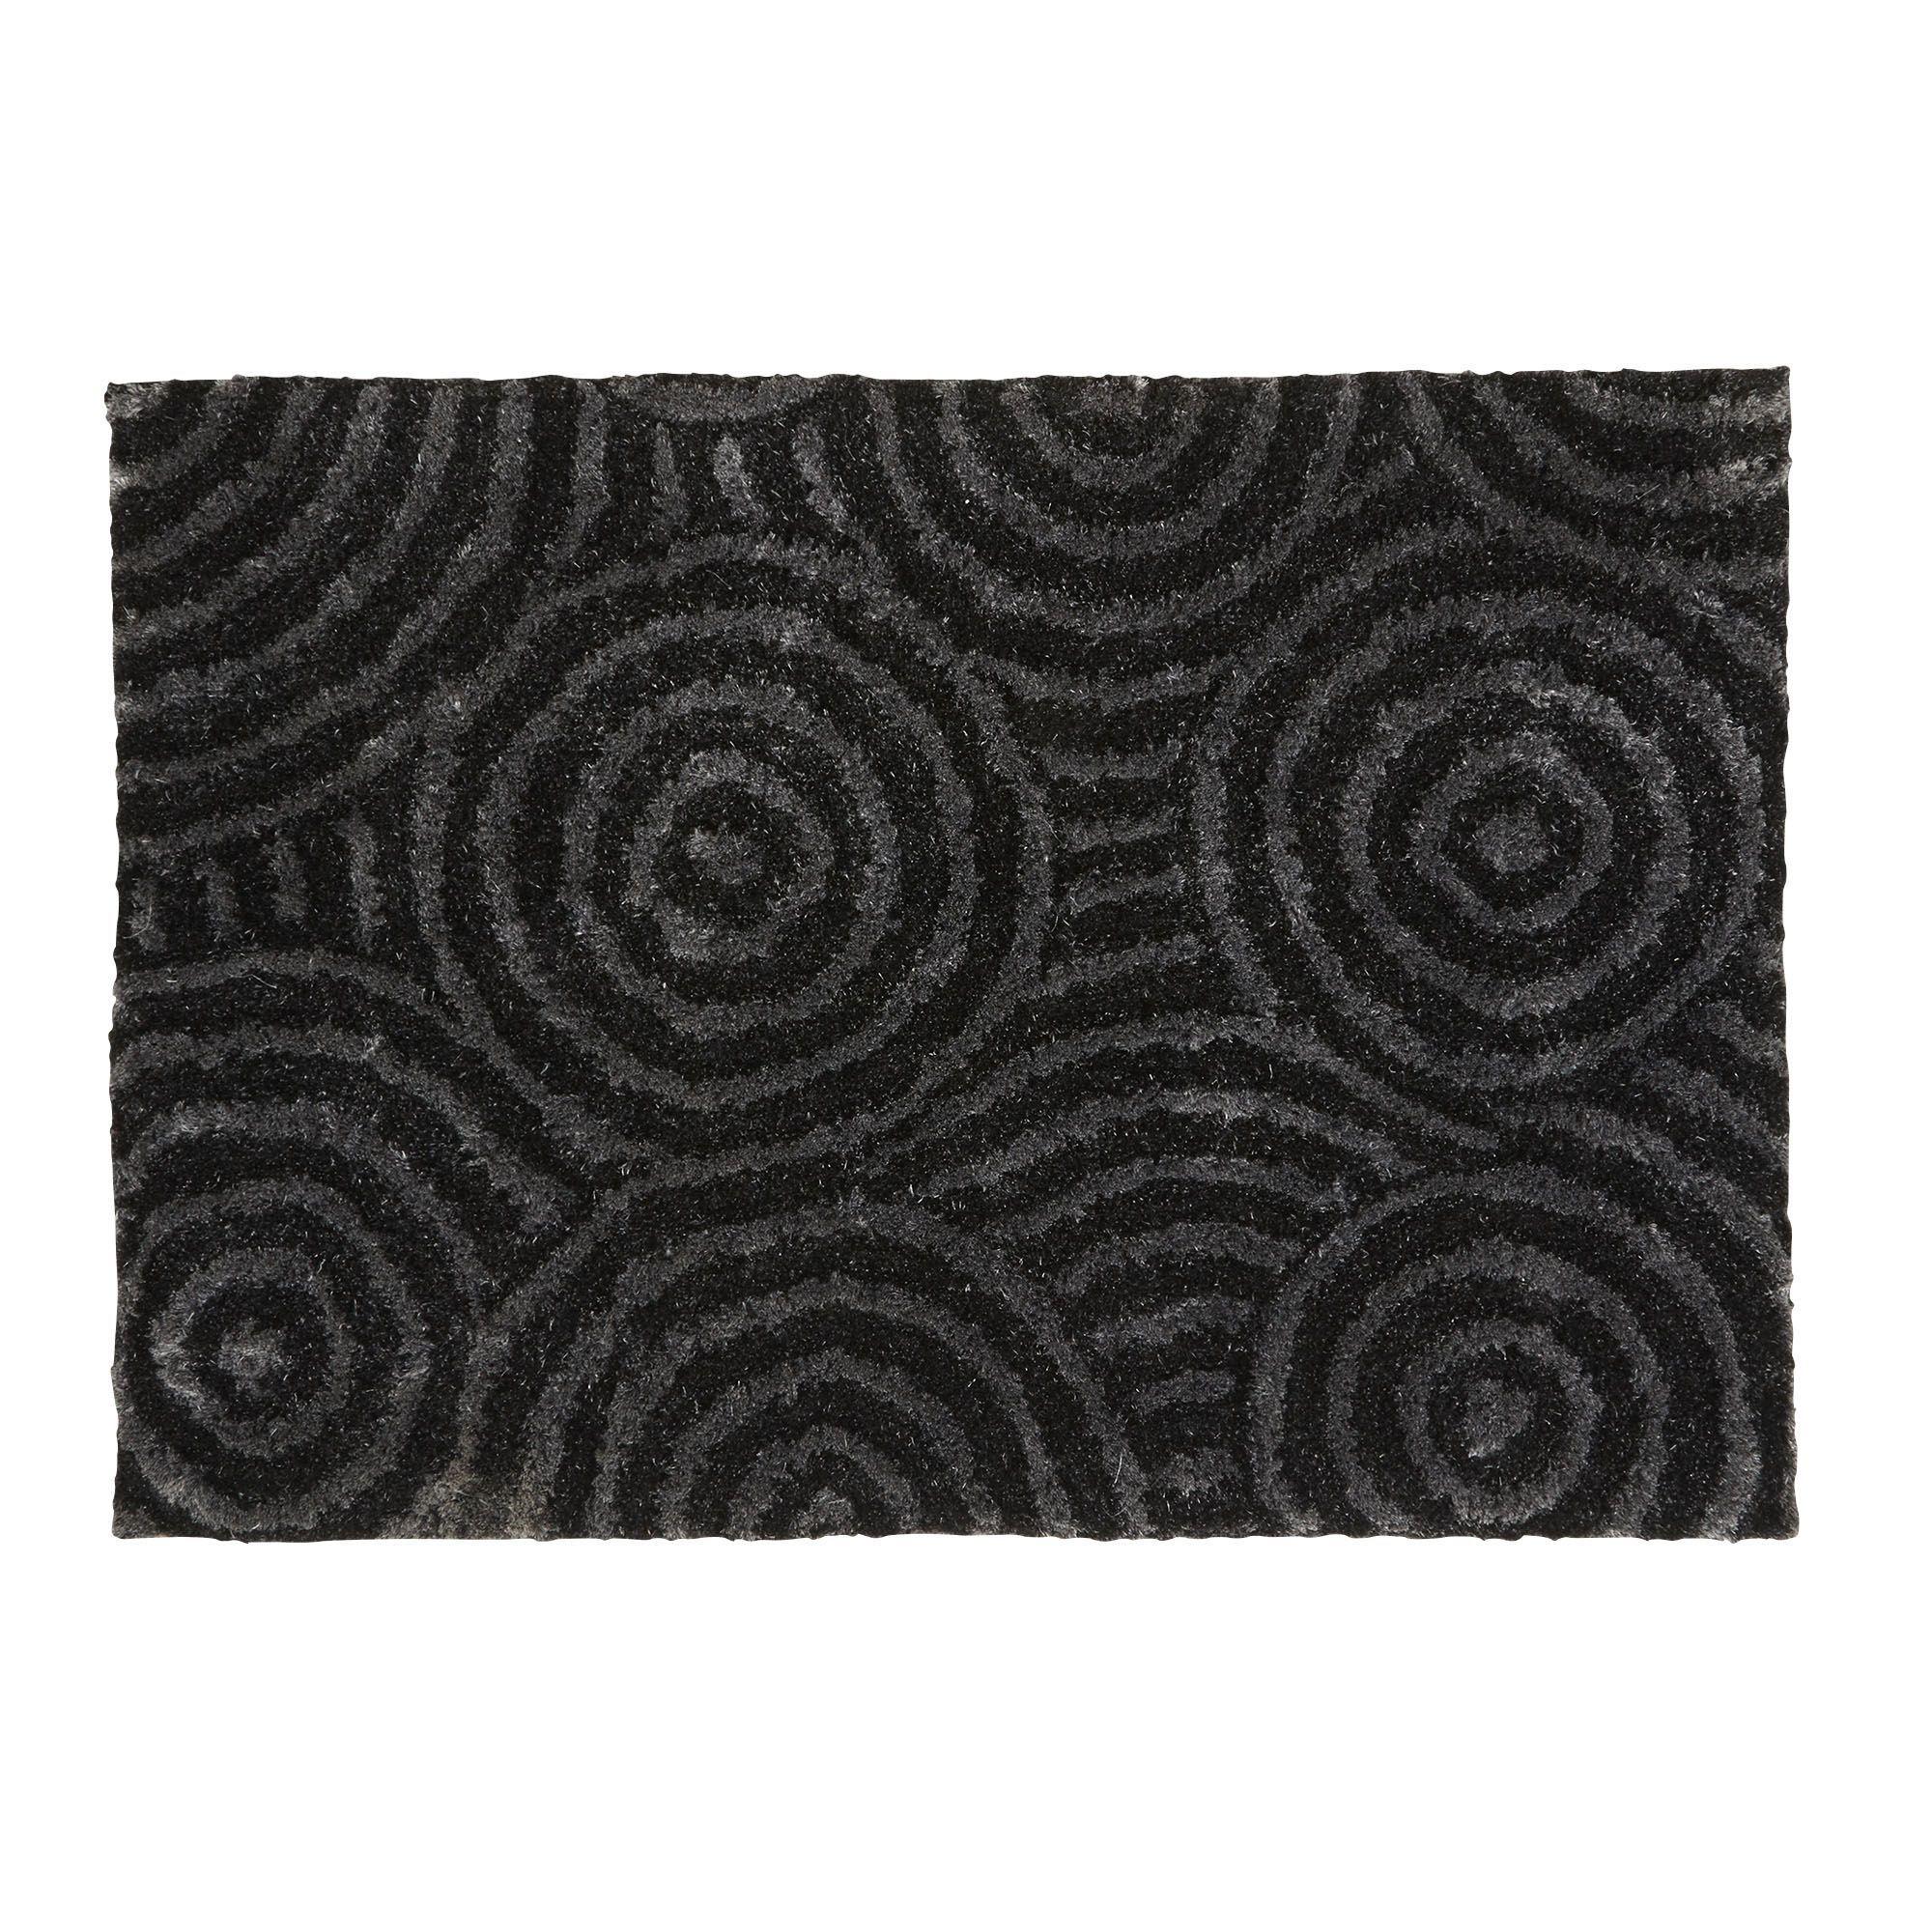 Tapis A Motifs 160x230cm Gris Argent Madji Les Tapis Textiles Et Tapis Salon Et Salle A Manger Decoration D Interieur Alinea